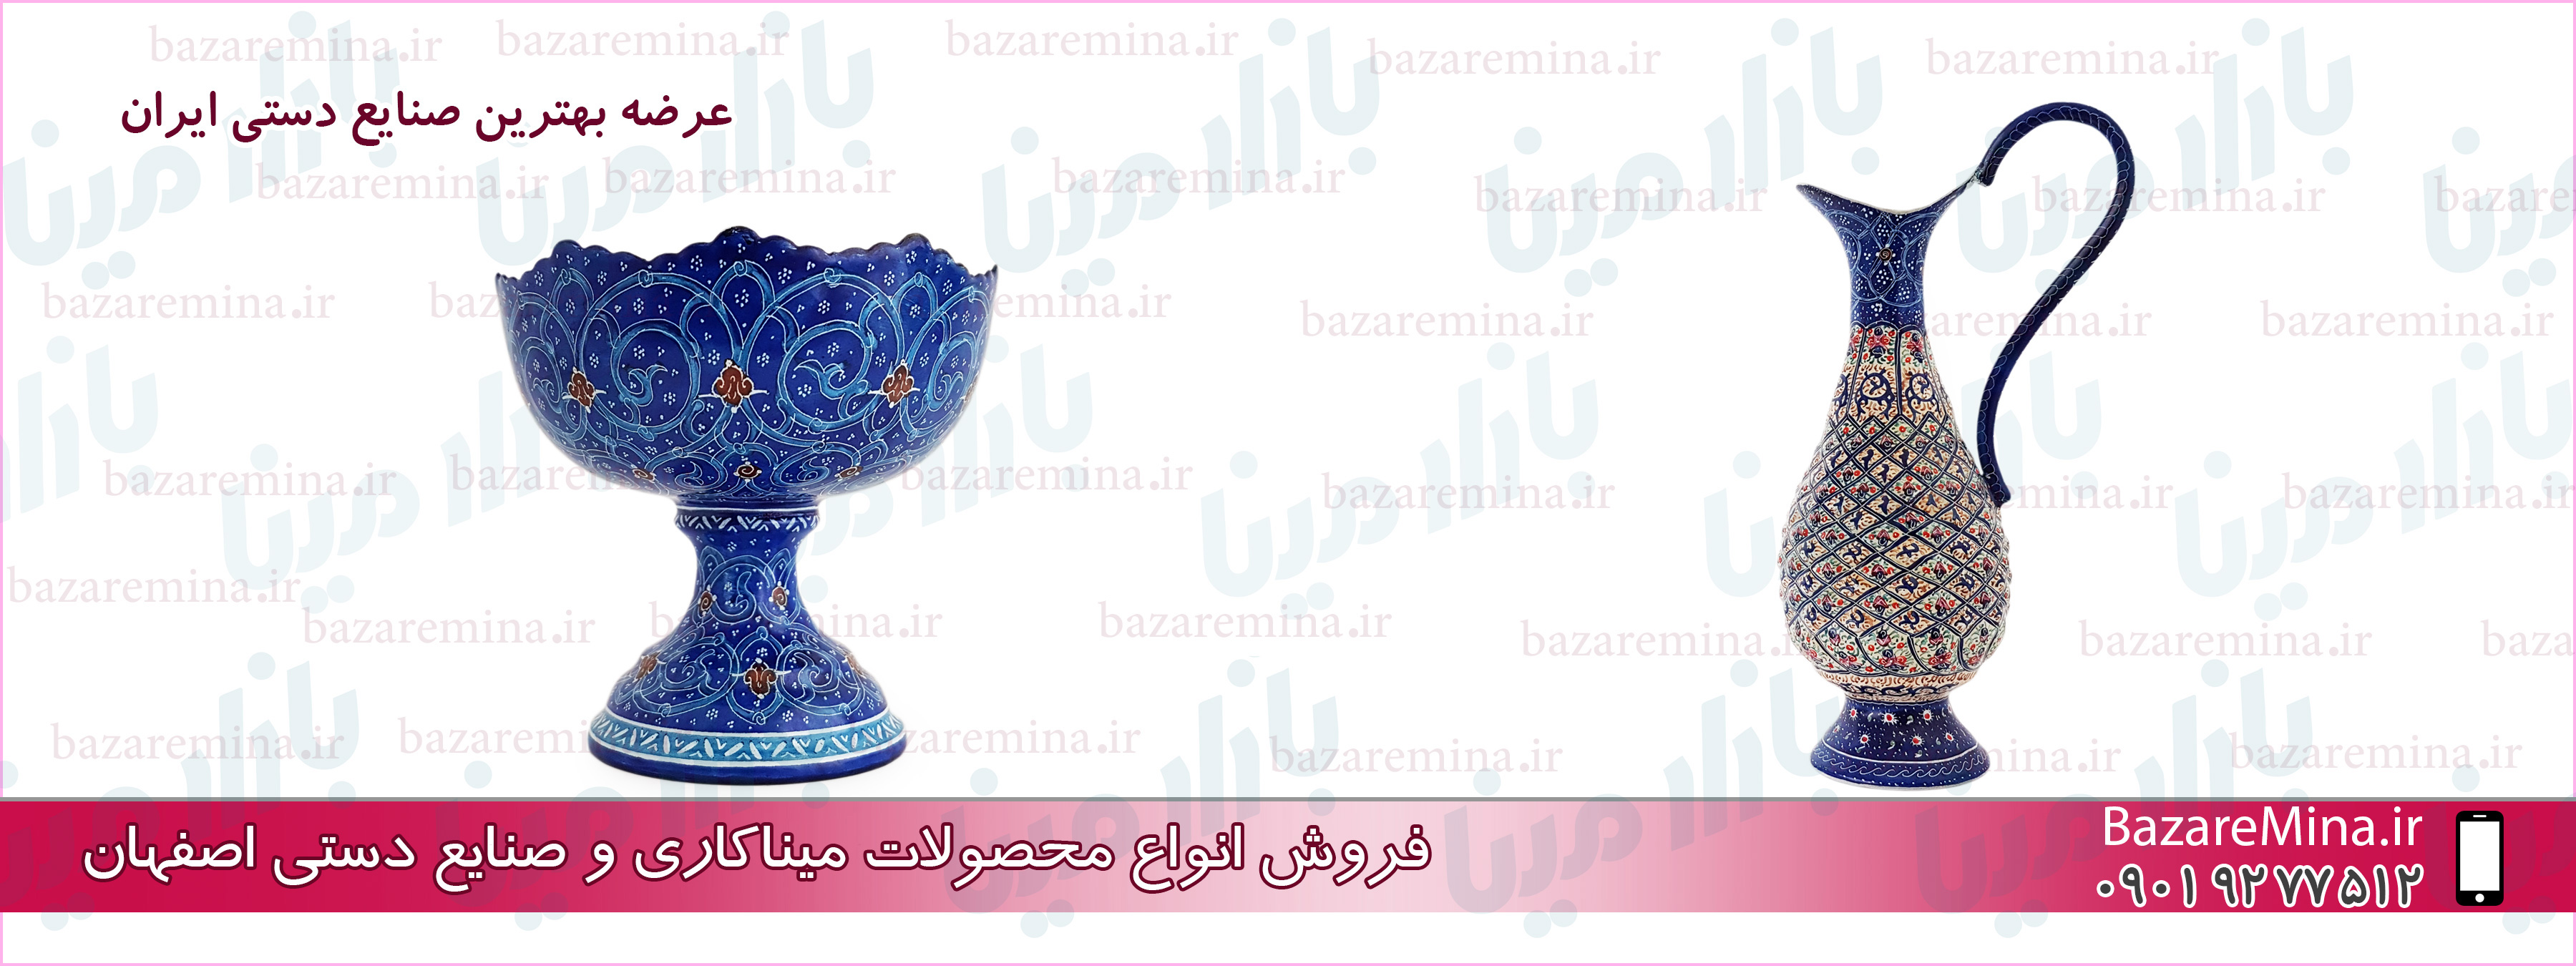 میناكاری اصفهان قیمت